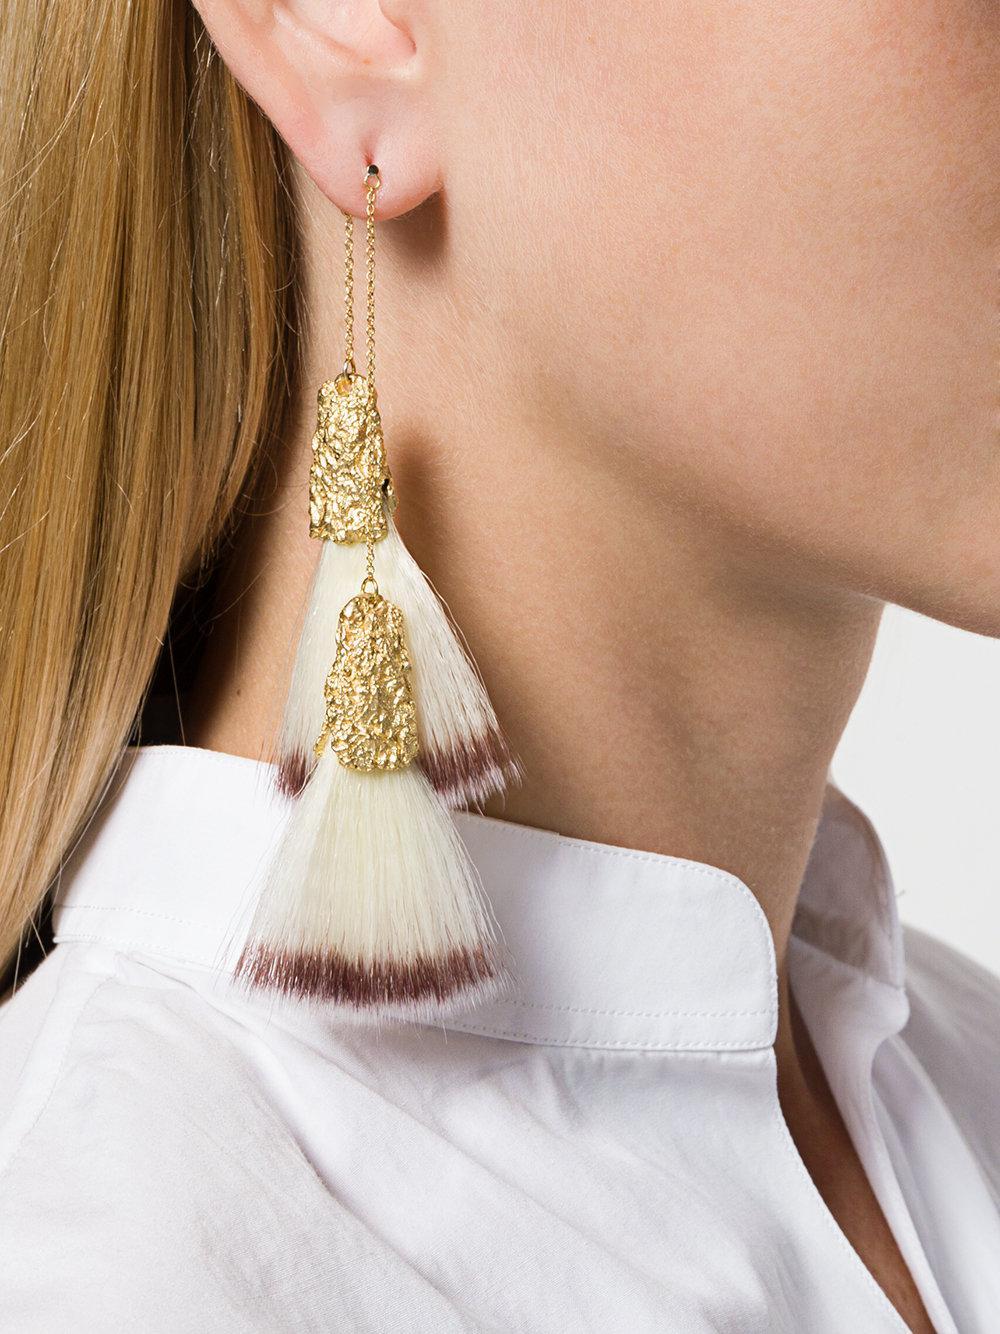 canvas double earring - Metallic Niza Huang 9Jpkw